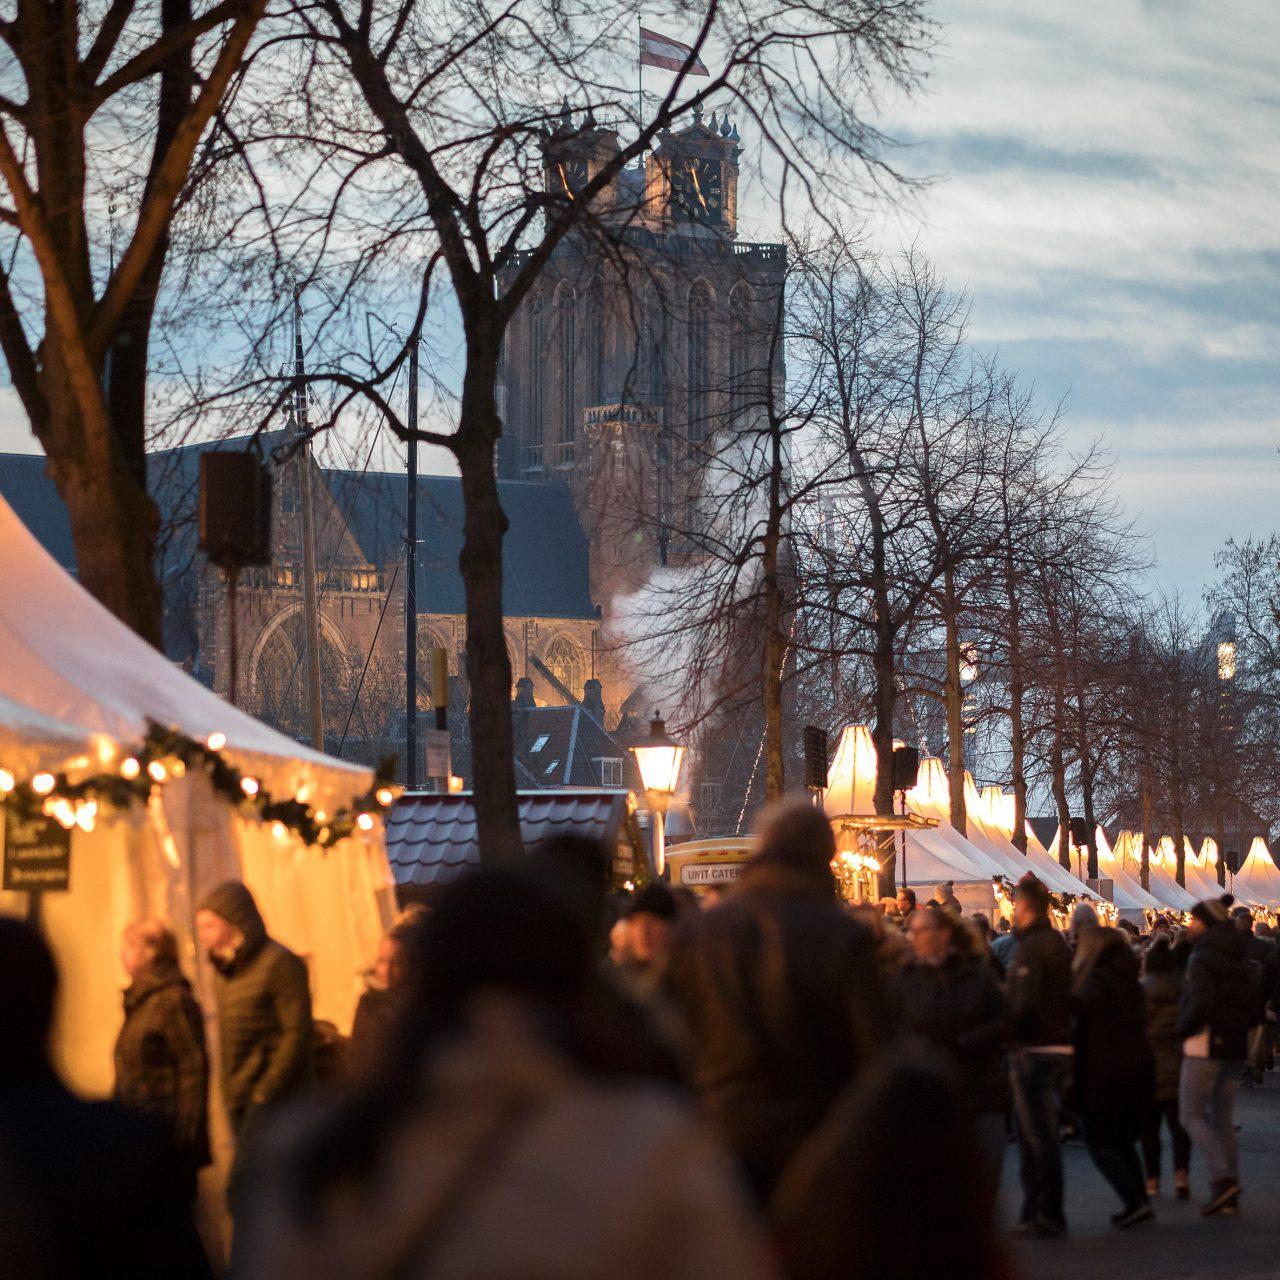 Kerstmarkt Dordrecht - Dordrecht - evenementen - Grote Kerk - Nieuwe Haven - pagode